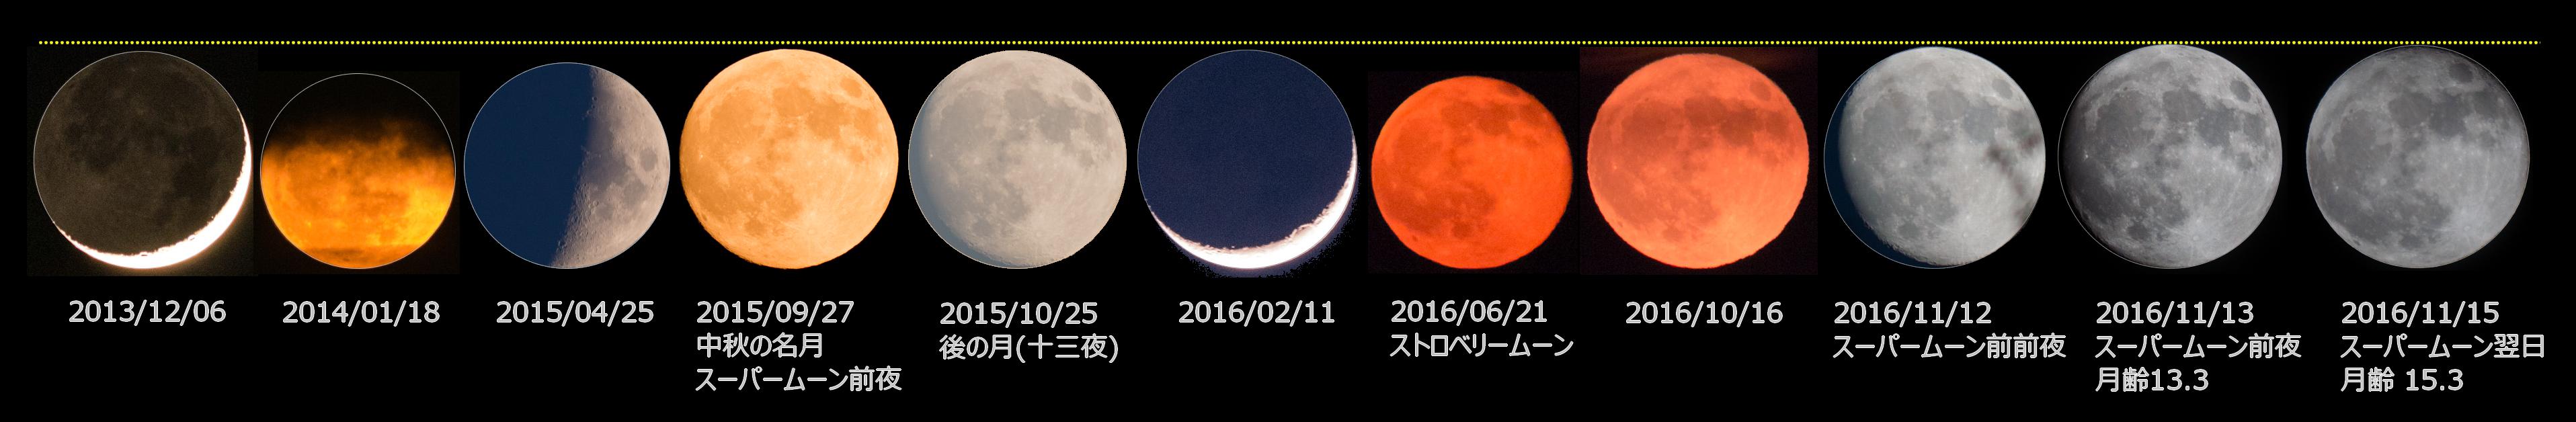 super_moon_161115